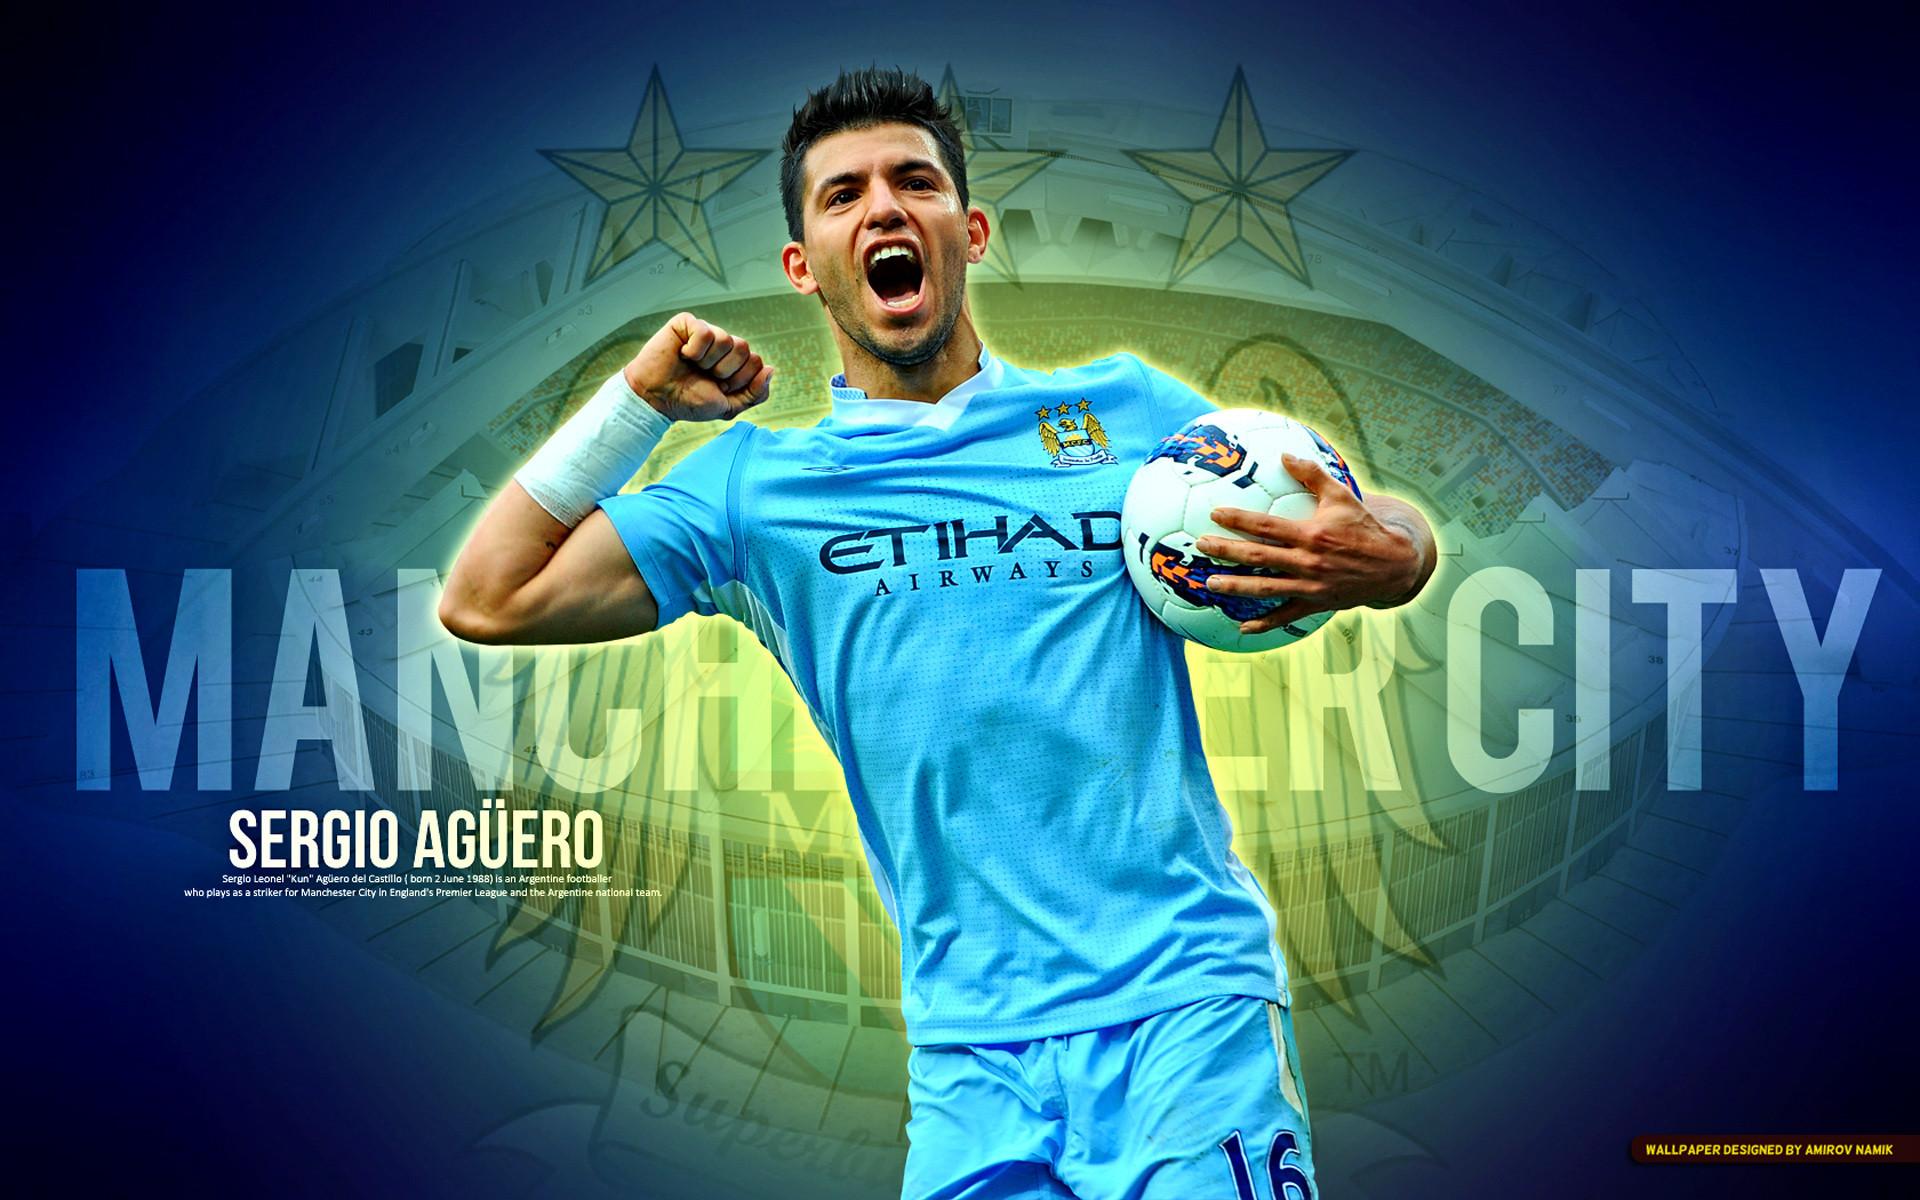 Wallpaper Manchester City Aguero